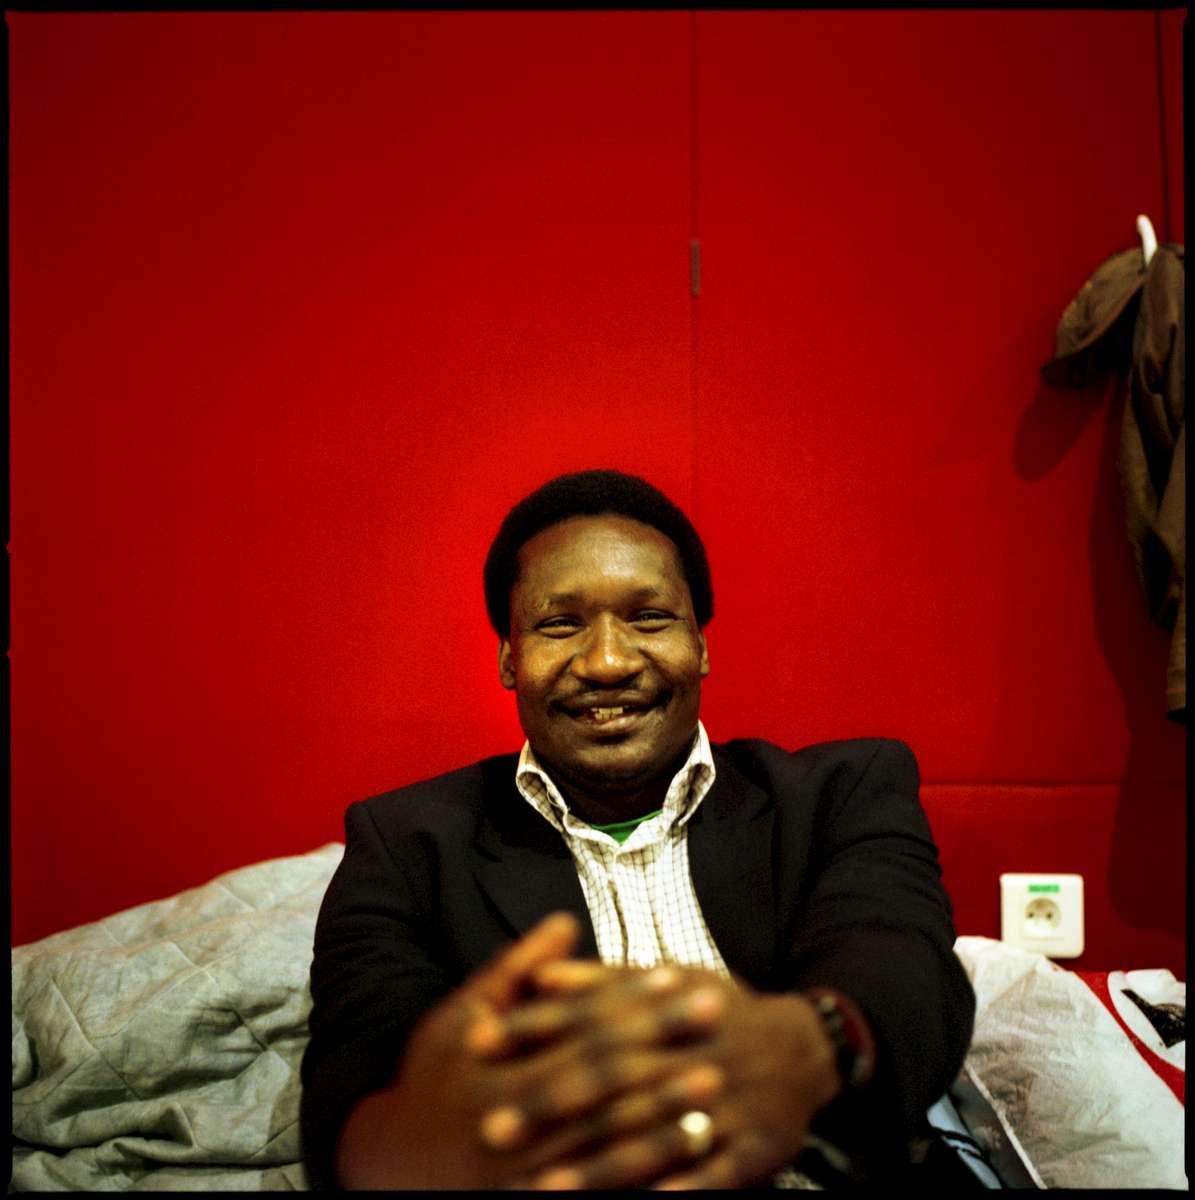 Ismaila est Sénégalais et en France depuis 2001. Il occupe, depuis le 2 Mai 2008, avec 600 autres Sans-Papiers, une annexe de la bourse du travail appartenant à la CGT, située rue Charlot à Paris . Il est en attente de sa régularisation.